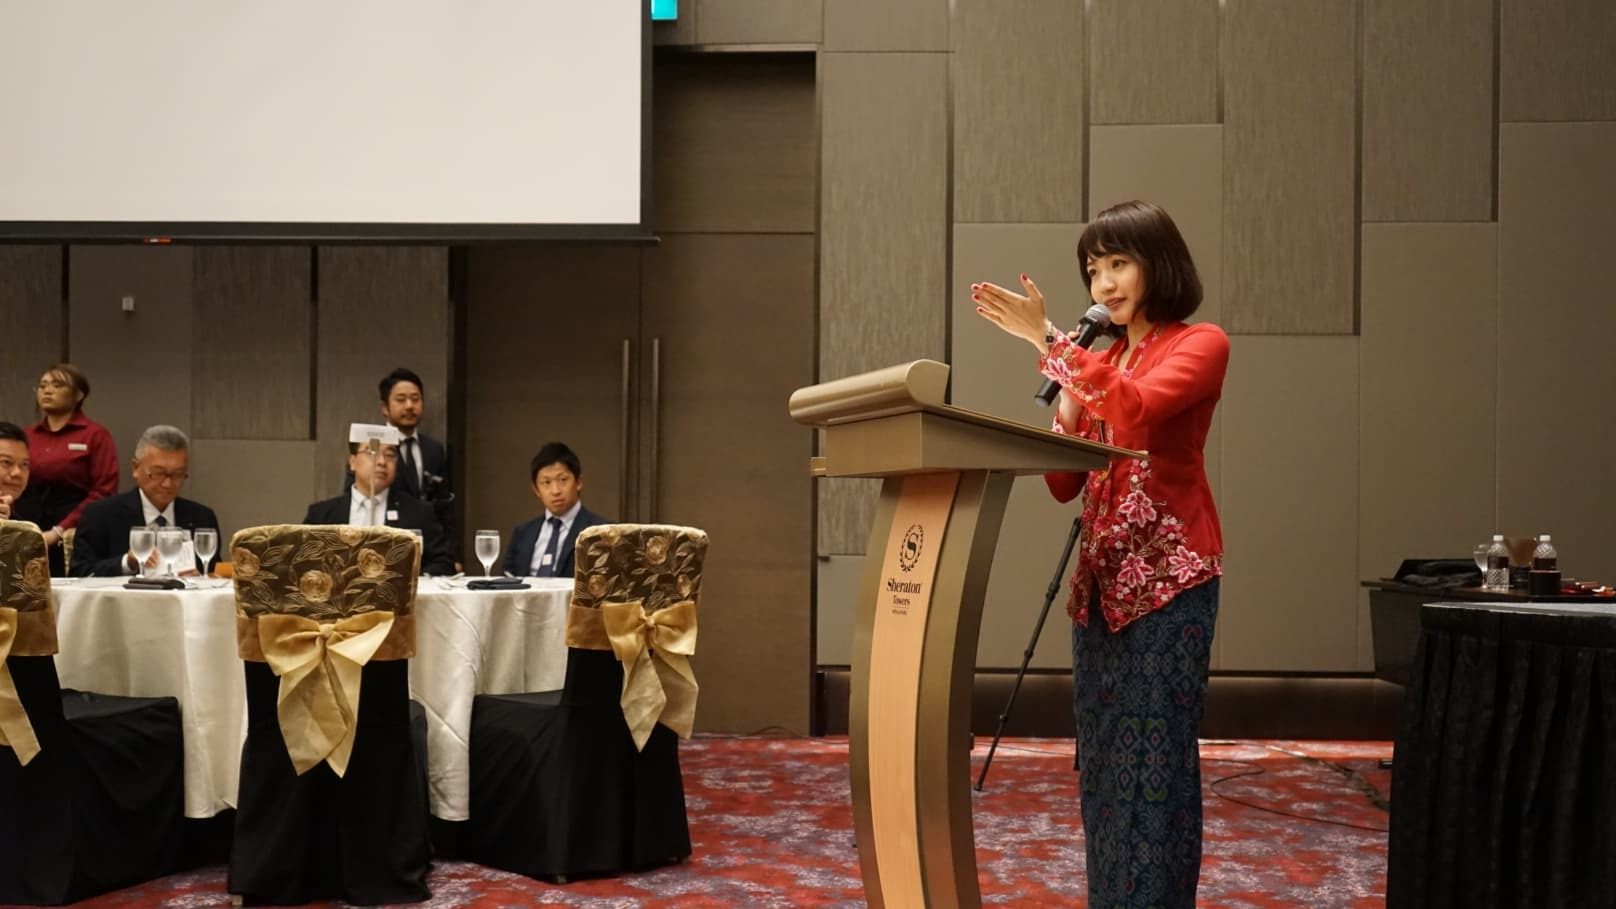 シンガポール日本大使館とシンガポール国家遺産局のコラボイベント「ペラナカン・ナイト」にて